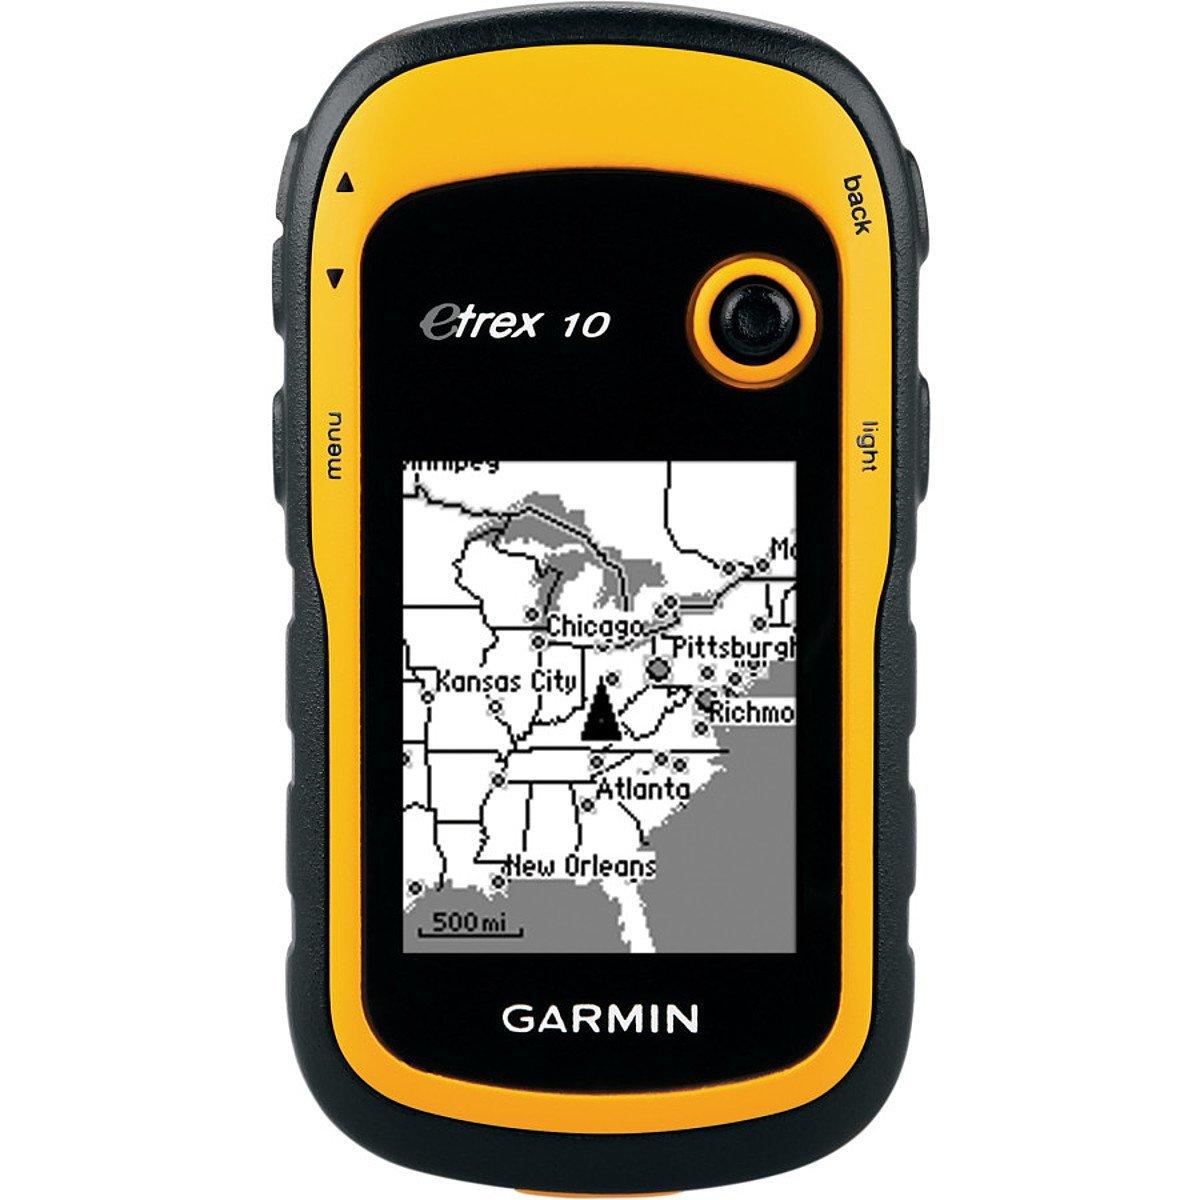 """Навигационный приемник Garmin eTrex 10 (010-00970-01)010-00970-01Навигационный приемник Garmin eTrex 10 сохраняет основные функции, прочную конструкцию, доступность и долгий срок работы батарей – те характеристики, которые делали прибор eTrex самым надежным GPS-навигатором.Данная модель оборудована улучшенным монохромным дисплеем 2.2"""", которым удобно пользоваться при любых условиях освещенности. Прочный и водонепроницаемый eTrex 10 не боится плохой погоды. Простой интерфейс пользователя означает, что вы сможете уделять большее время своей деятельности и меньшее время поиску информации. Легендарная прочность eTrex 10 делает его неуязвимым для пыли, грязи, влажности и воды.Garmin eTrex 10 поддерживает файлы геокэшинга GPX для загрузки координат и описаний тайников прямо в устройство. Отказываясь от бумажных записей, вы не только помогаете сохранить природу, но и повышаете эффективность геокэшинга. Устройство eTrex 10 хранит и отображает основную информацию, включая координаты, рельеф, уровень сложности, подсказки и описания. Таким образом, вам больше не нужно вводить координаты и описания вручную. Просто загрузите файл GPX в прибор и отправляйтесь на поиски тайников.Благодаря высокоэффективному GPS-приемнику с функцией WAAS и технологией HotFix для прогнозирования положения спутников устройство eTrex 10 быстро и точно определяет ваше местоположение и поддерживает прием сигналов даже под плотной кроной деревьев и в глубоких оврагах. Преимущество очевидно – вы можете рассчитывать на eTrex 10 и в глухом лесу, и около высоких зданий.Информация о Солнце/ЛунеРасчет площадиGarmin Connect"""